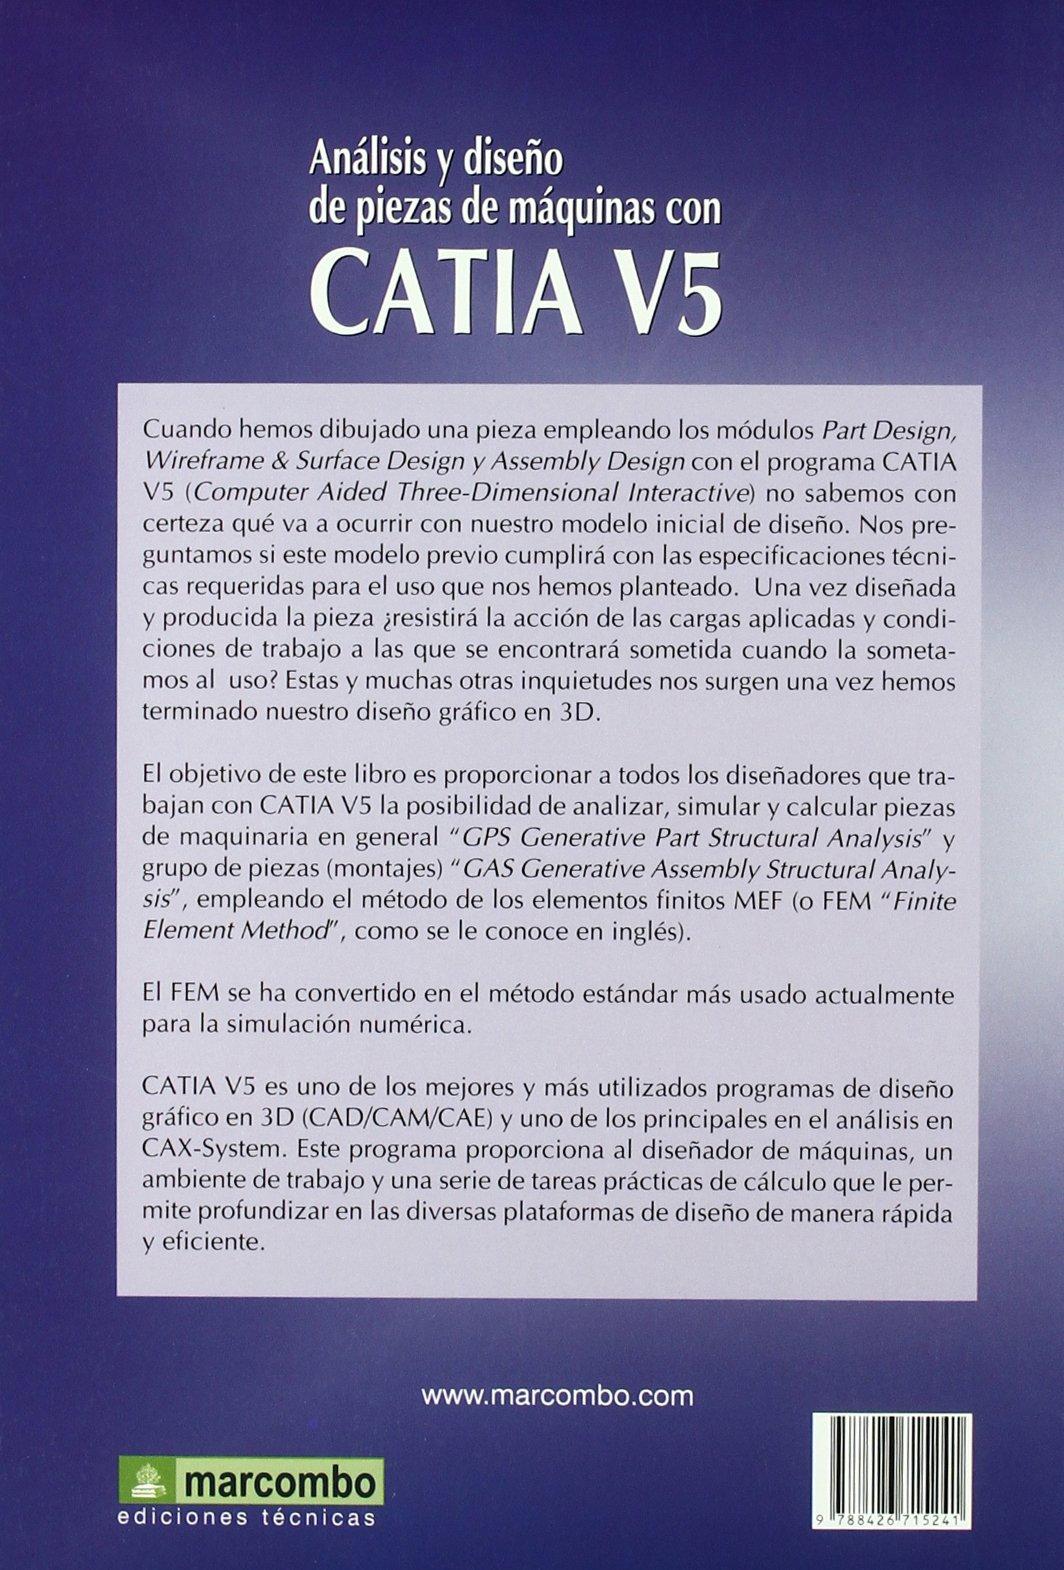 ANÁLISIS Y DISEÑO DE PIEZAS DE MÁQUINAS CON CATIA V5: Jose Antonio Vásquez Angulo: 9788426715241: Amazon.com: Books